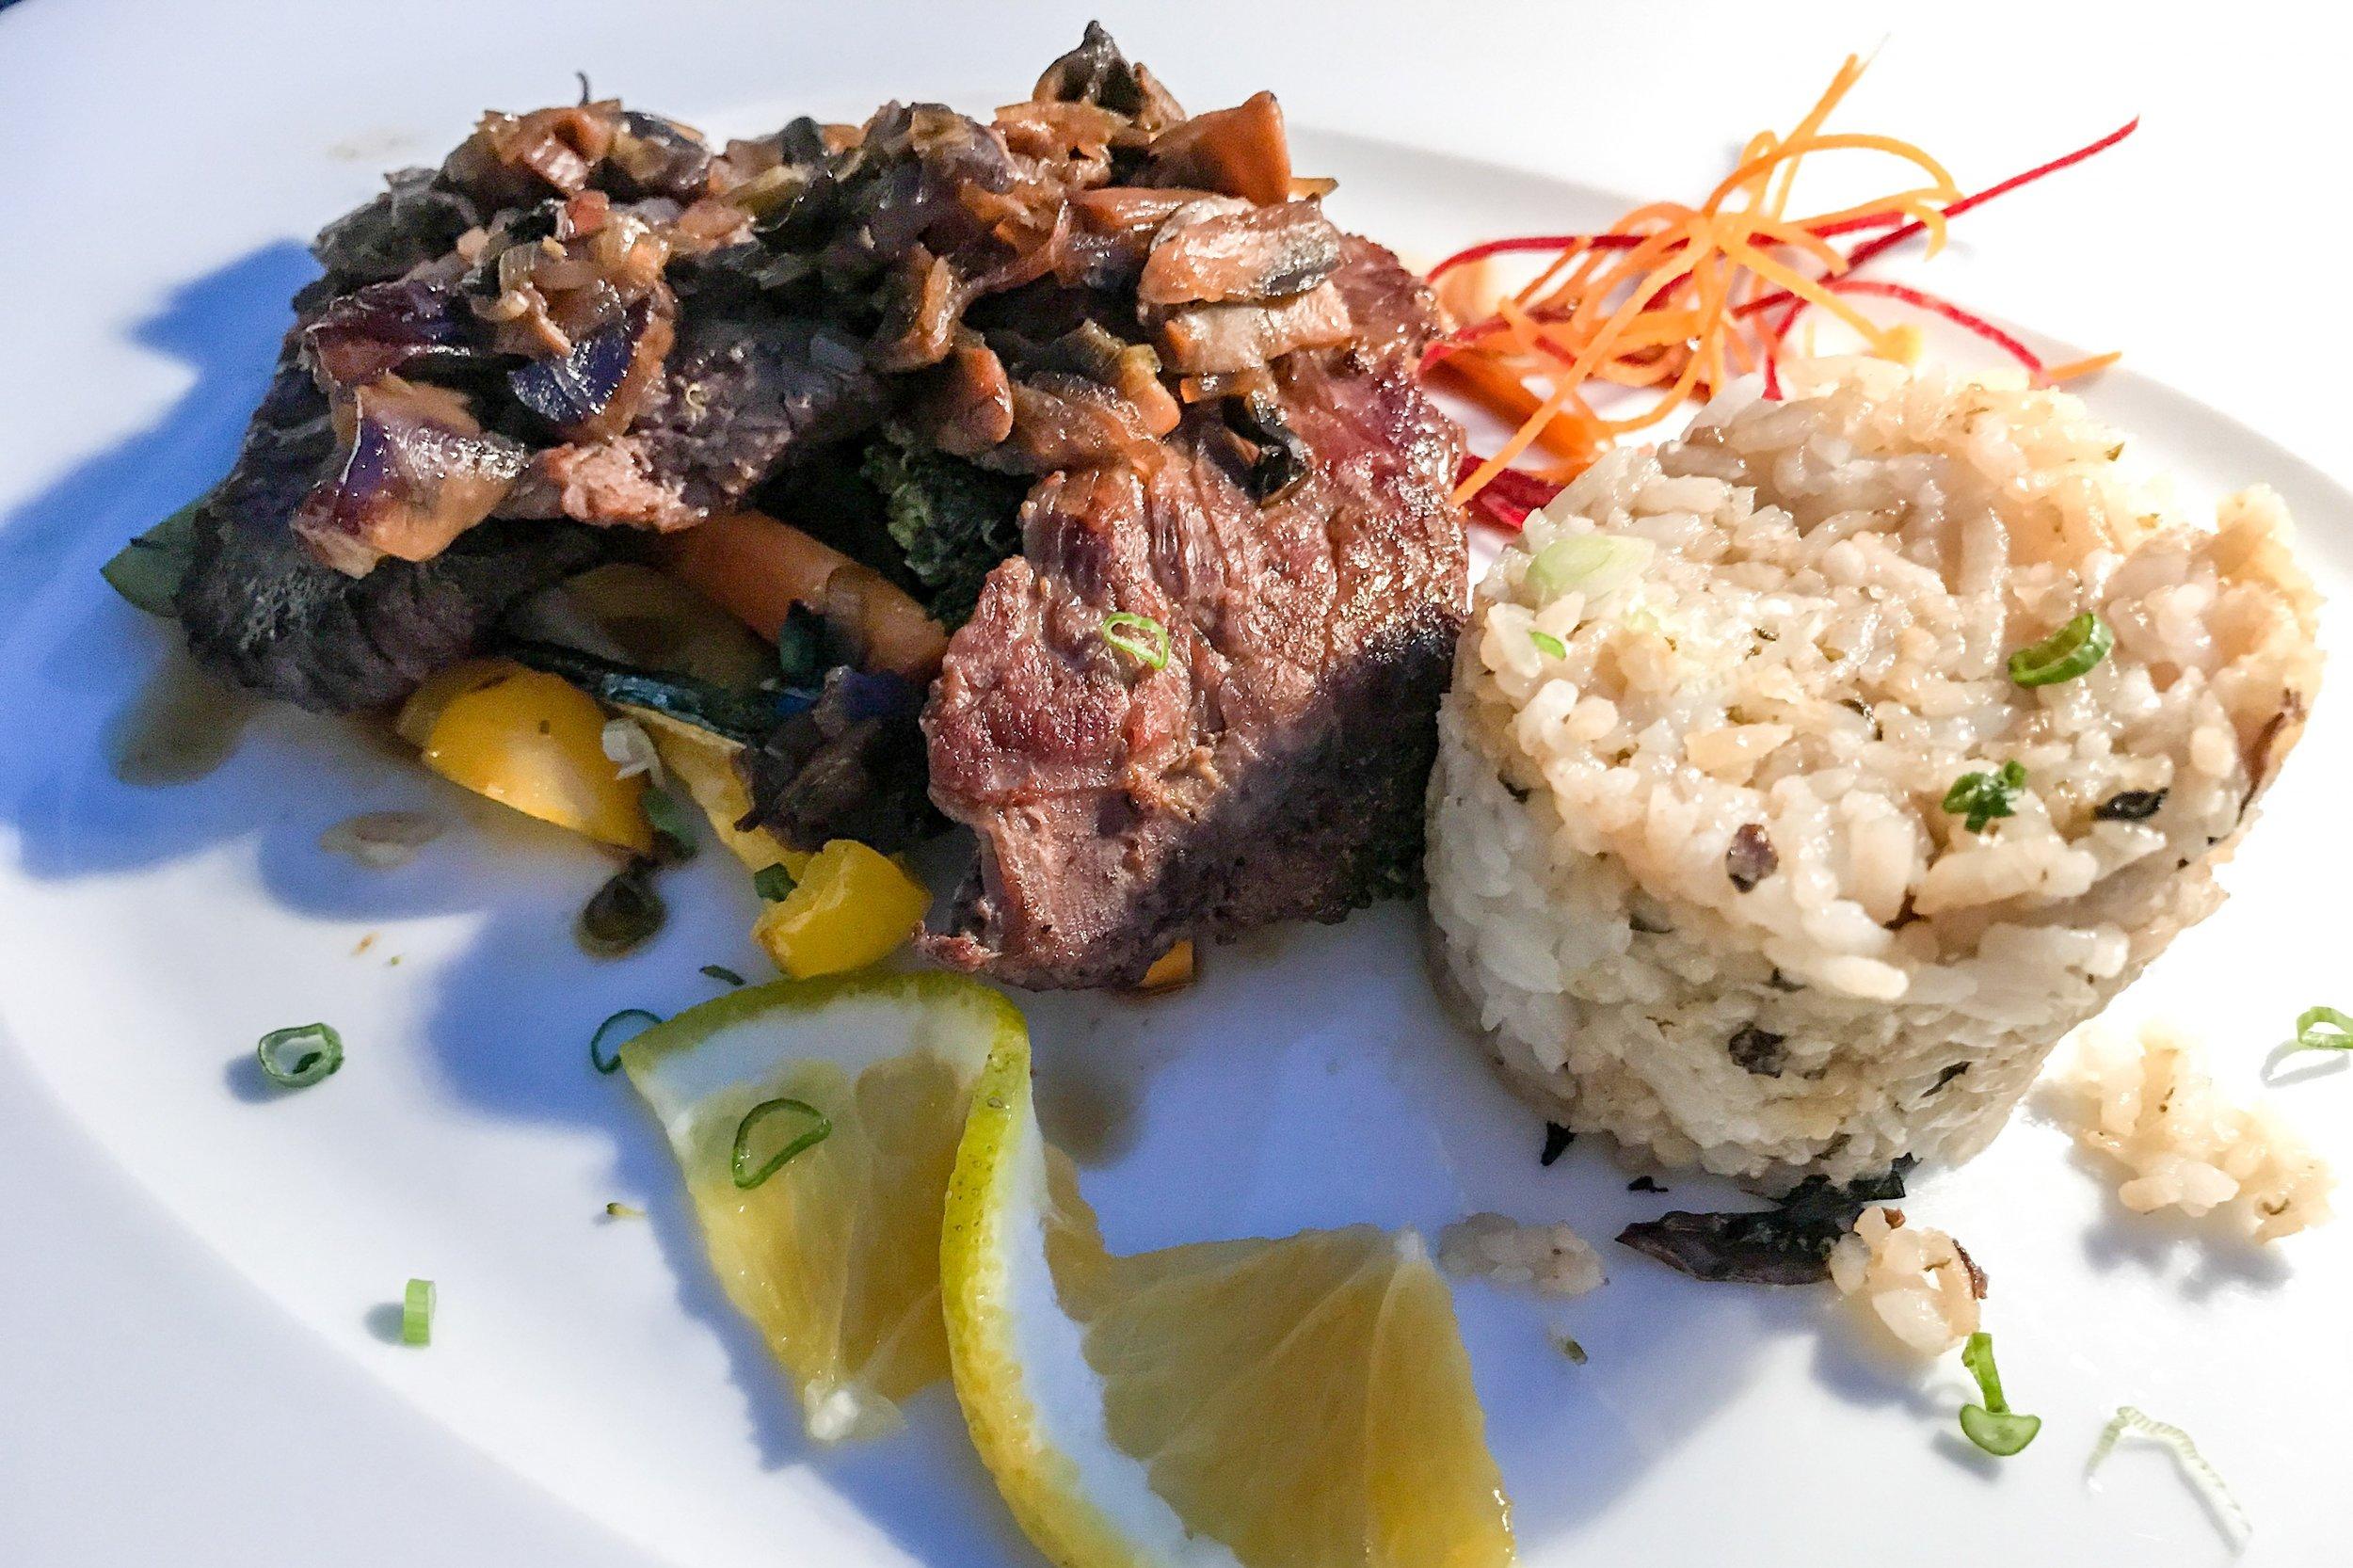 Dinner at Pescados at Pueblo Bonito Pacifica